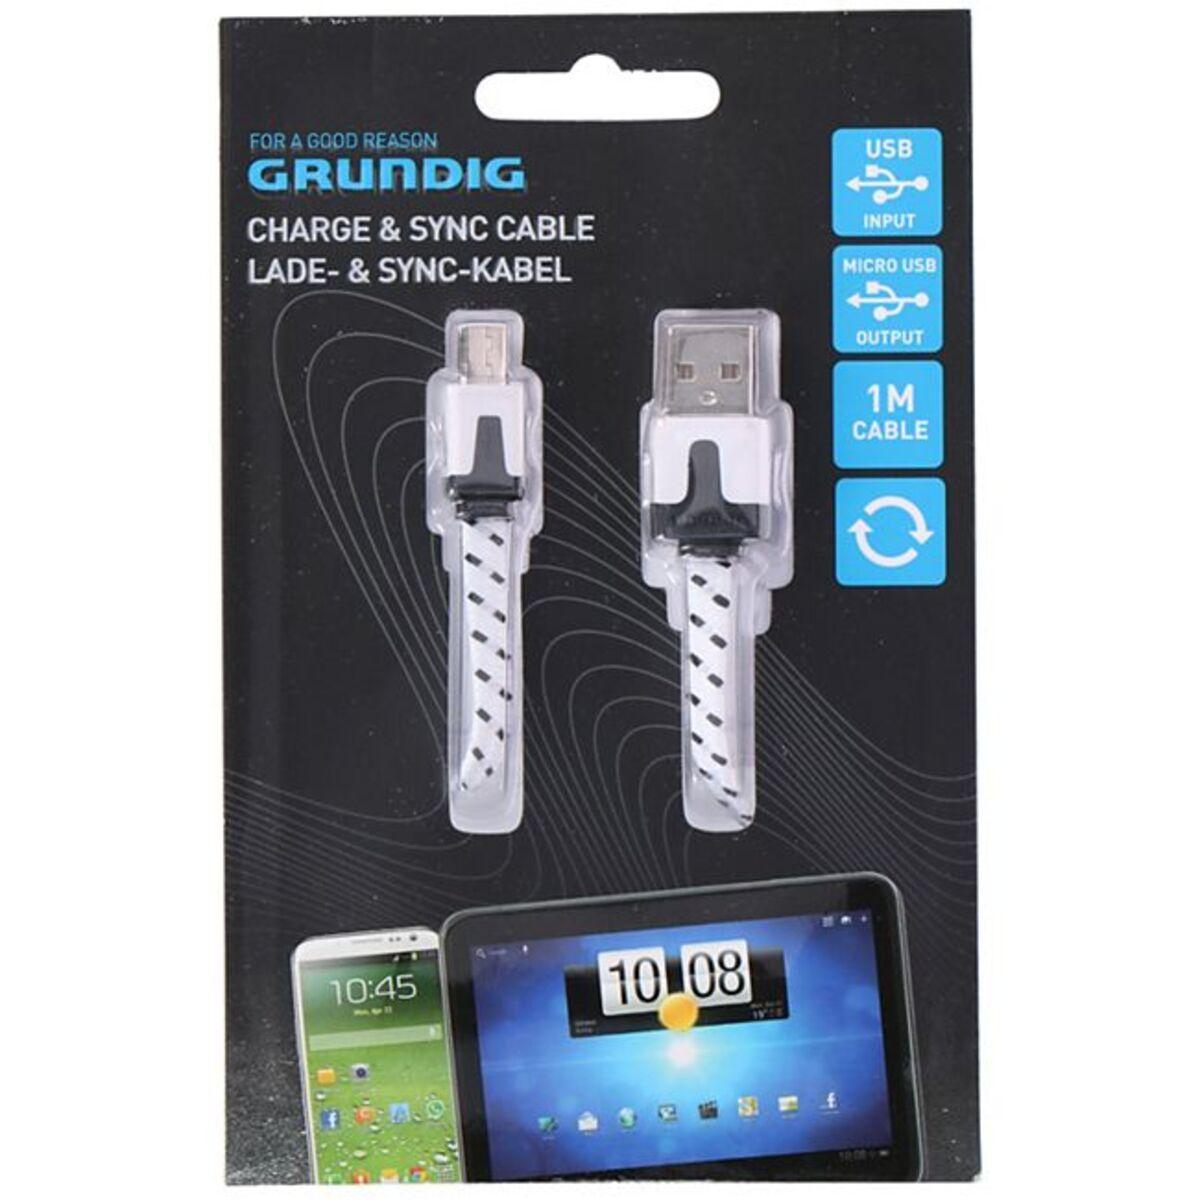 Bild 1 von Grundig Lade - und Sync-Kabel, Micro USB